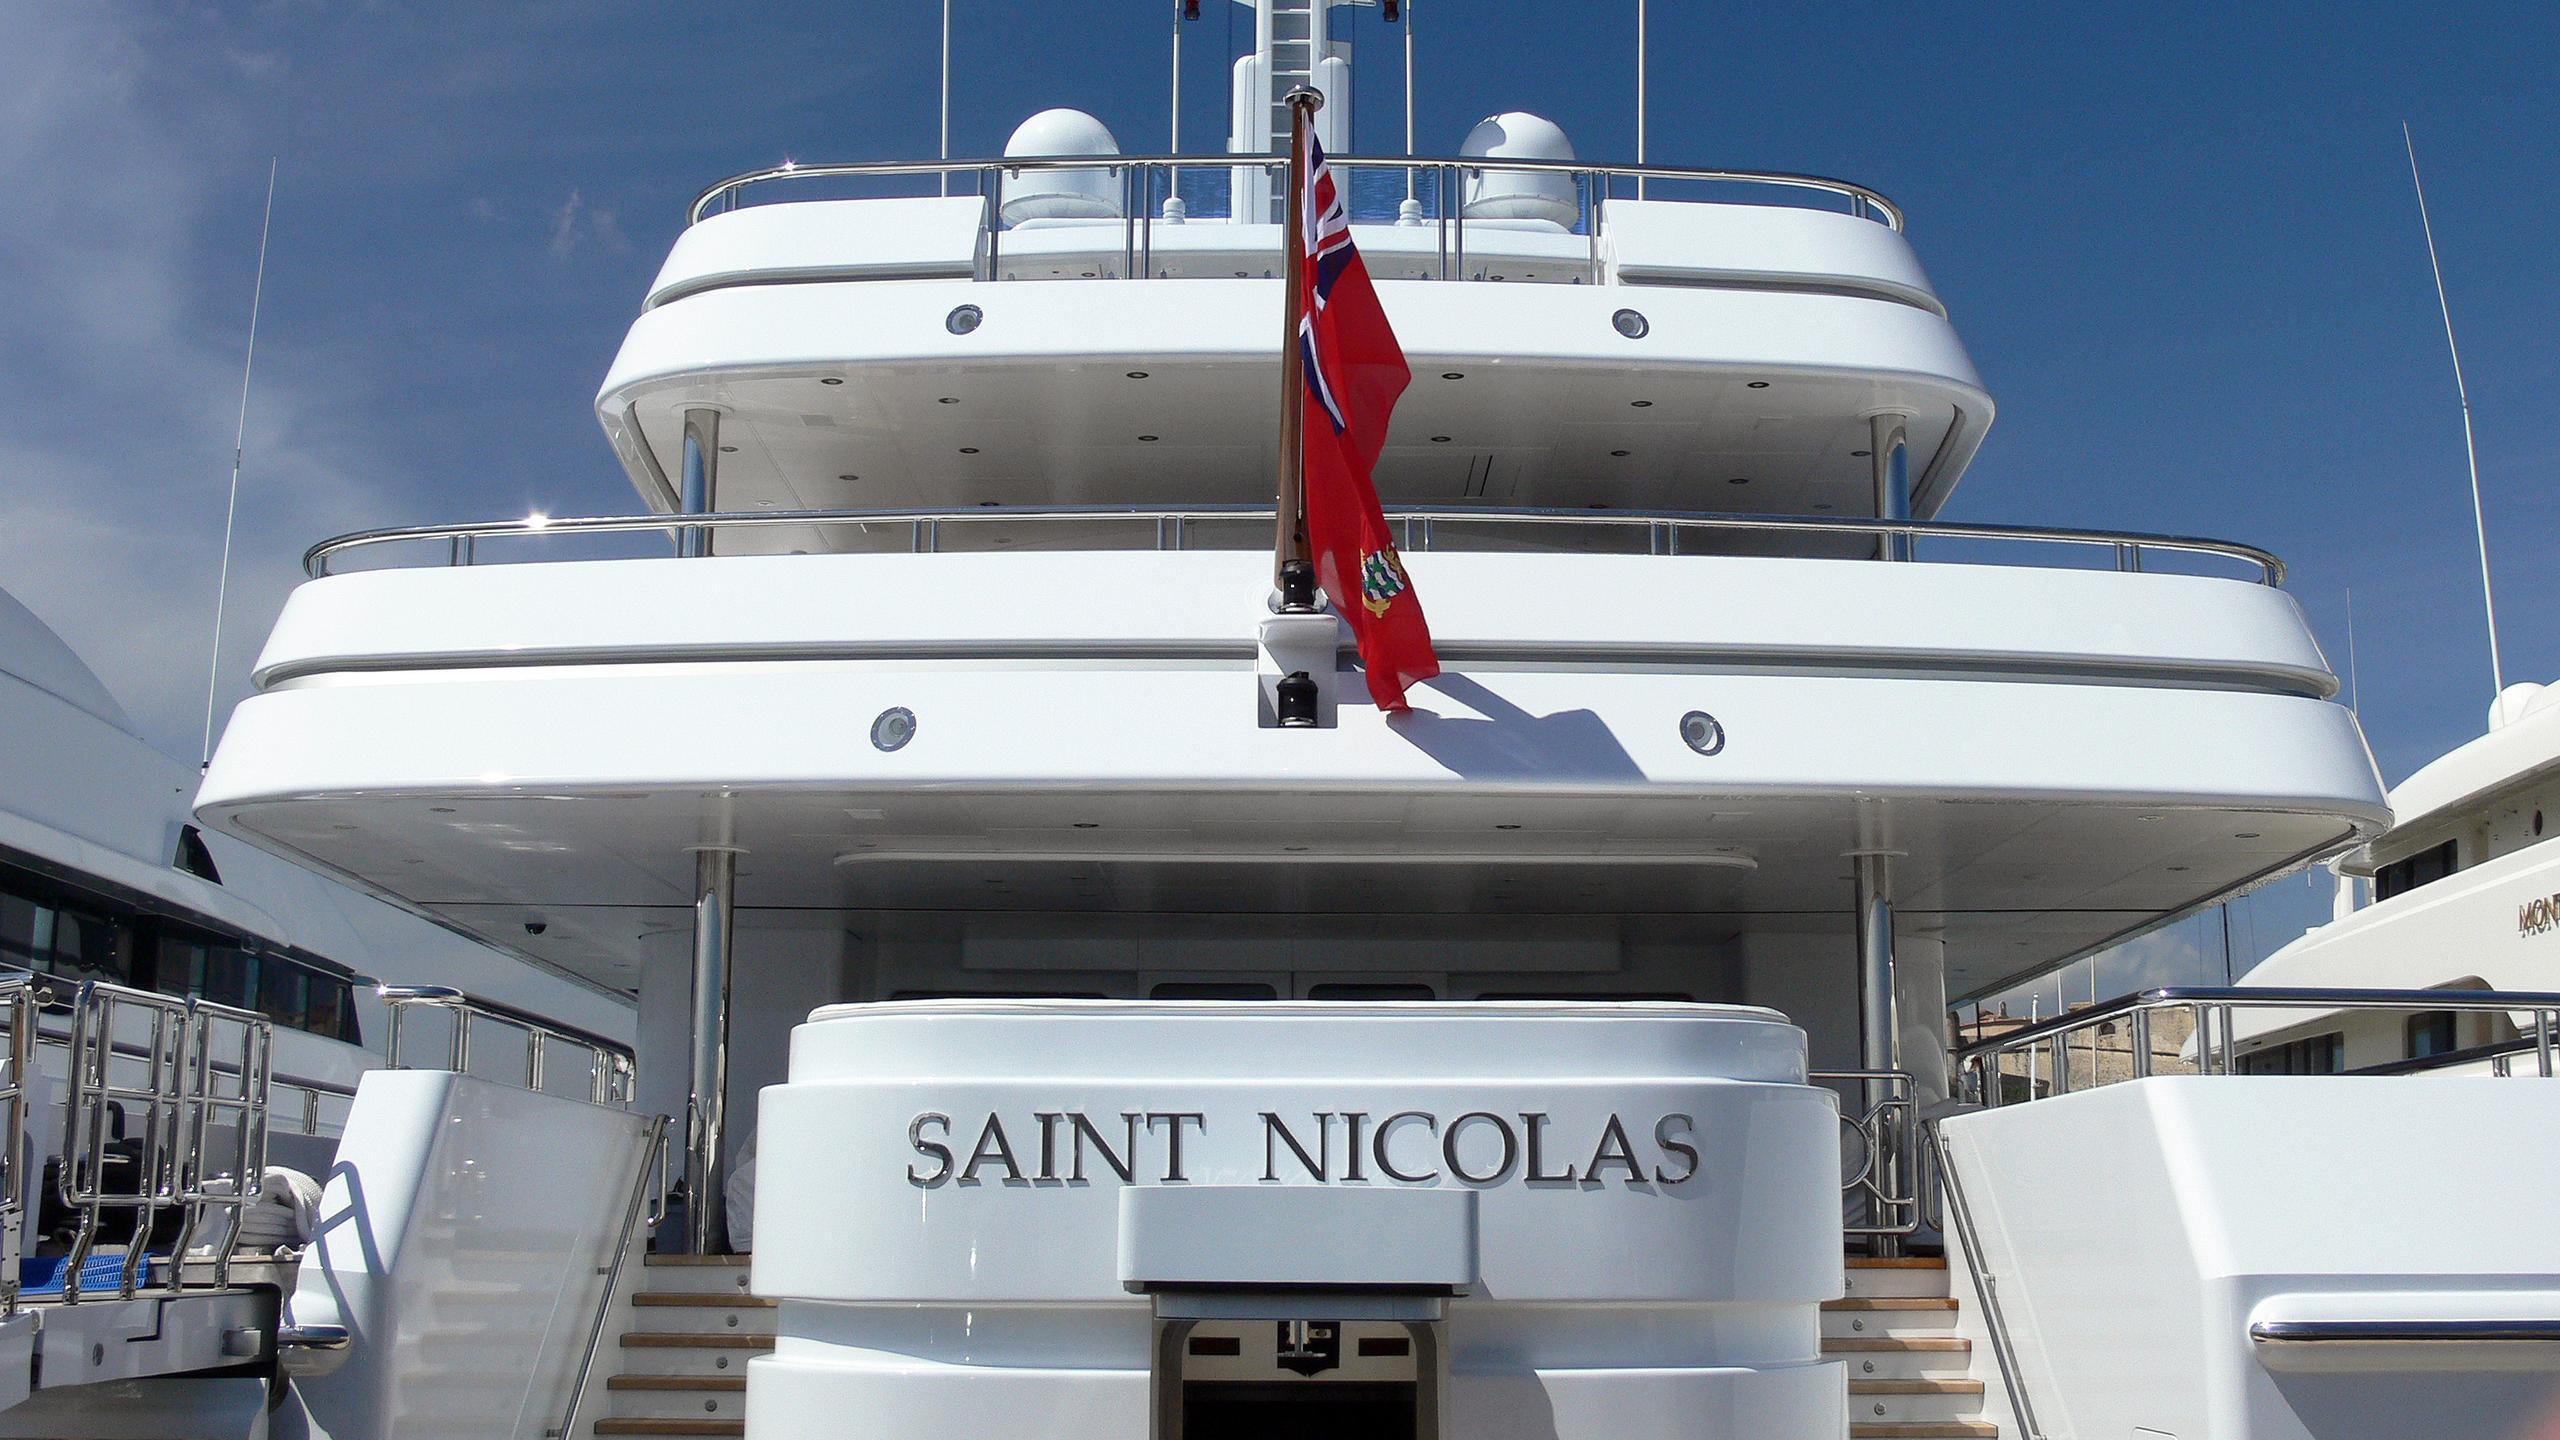 saint-nicolas-motor-yacht-lurssen-2007-70m-stern-details